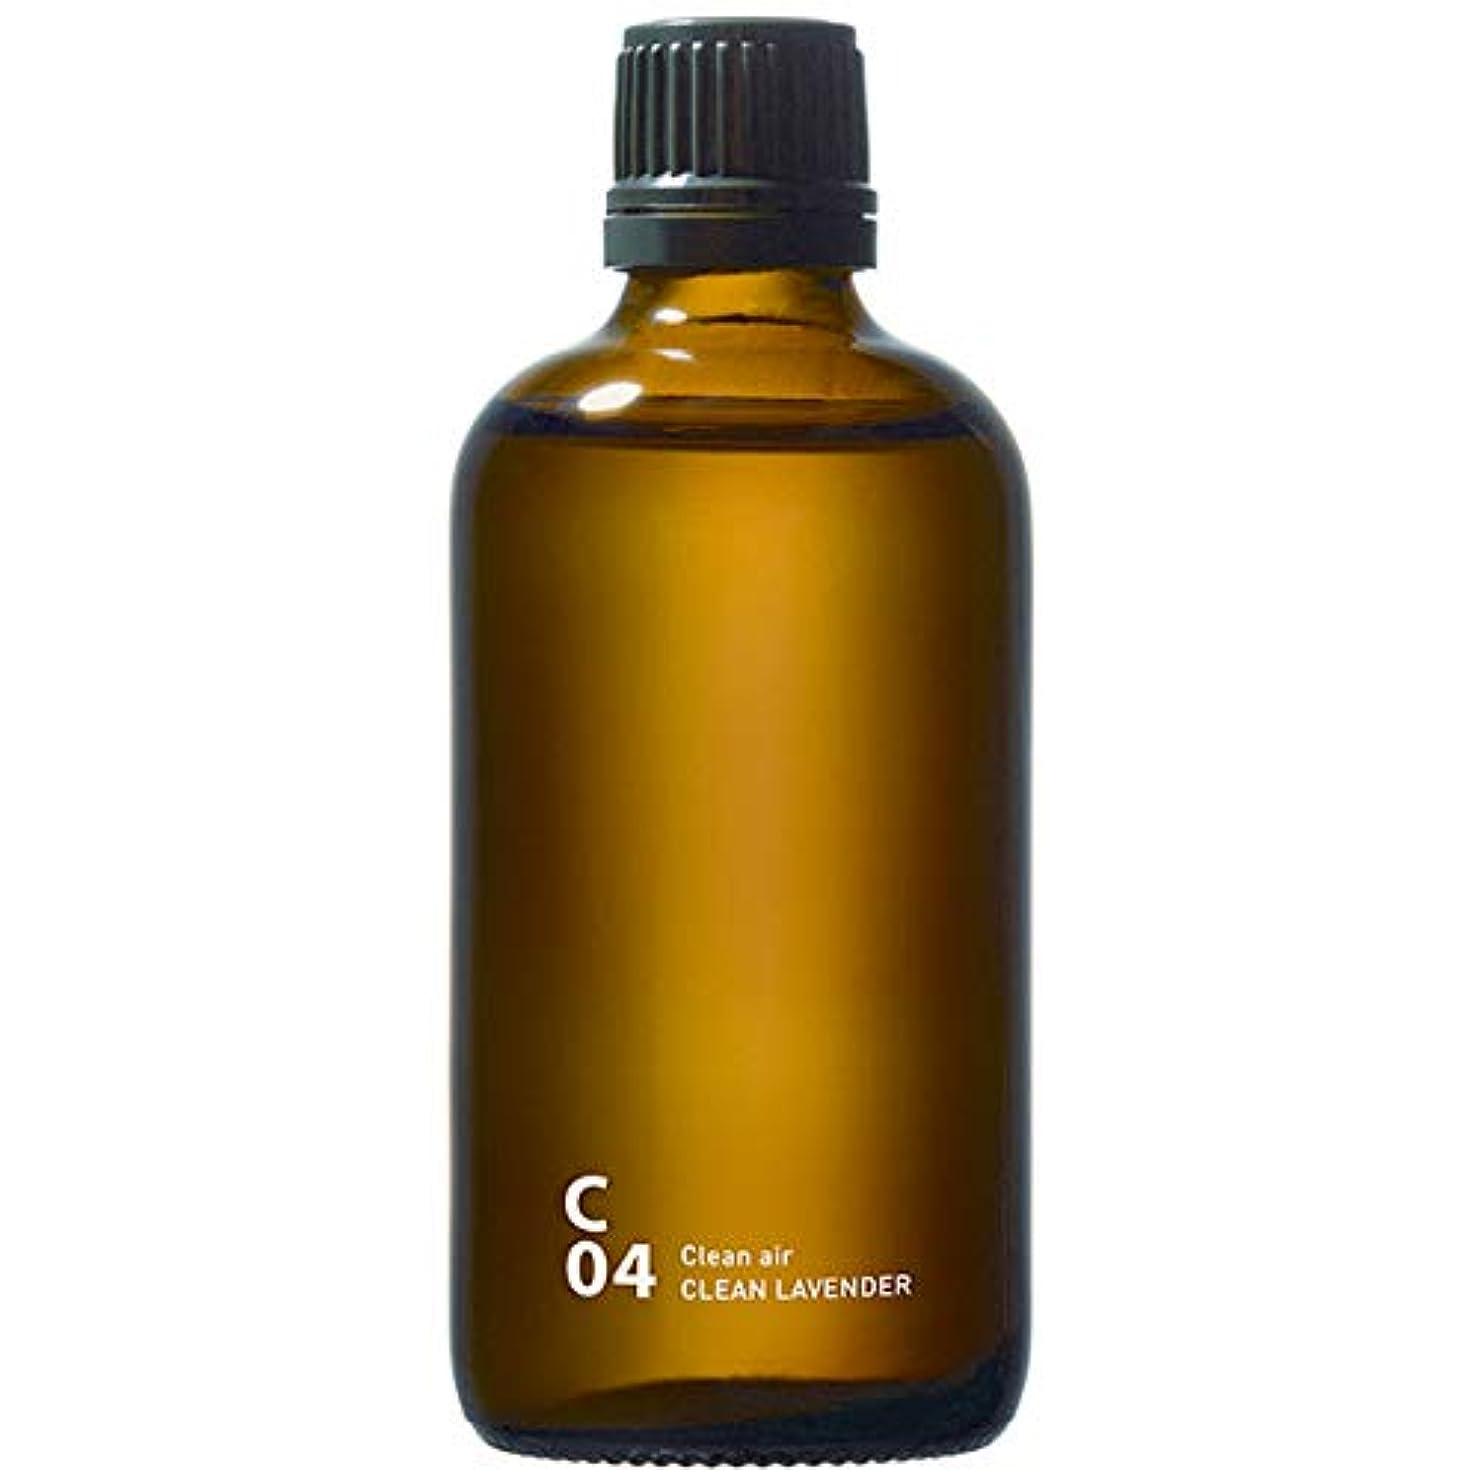 熟達したバレーボール嵐C04 CLEAN LAVENDER piezo aroma oil 100ml